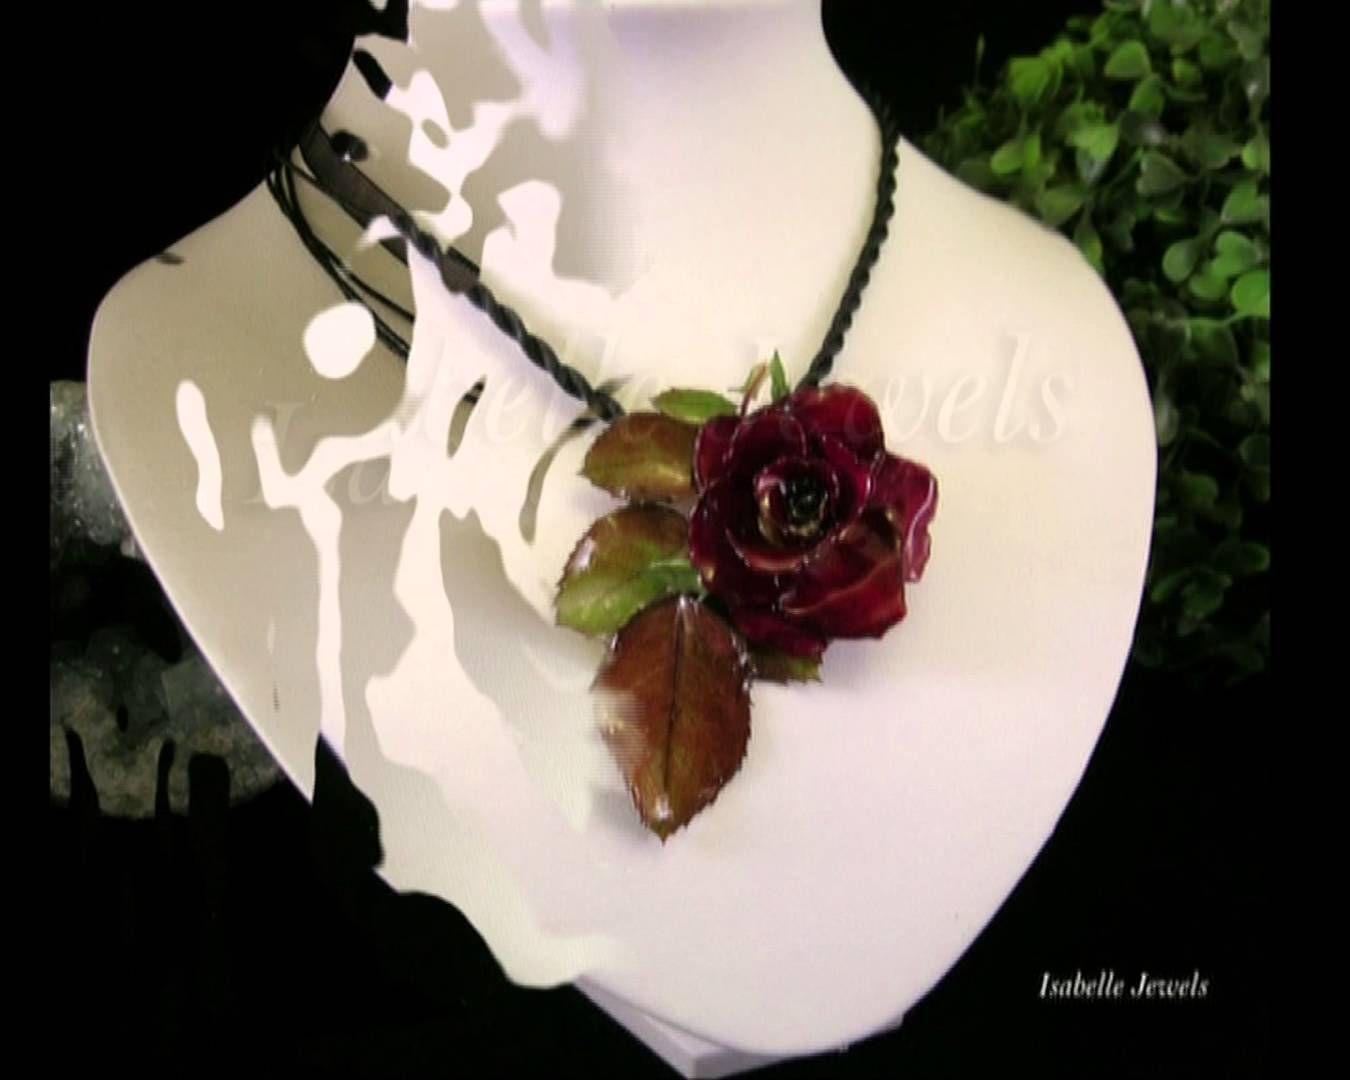 Mobili artistici ~ Video gioielli artistici necklaces flower fiori gioielli